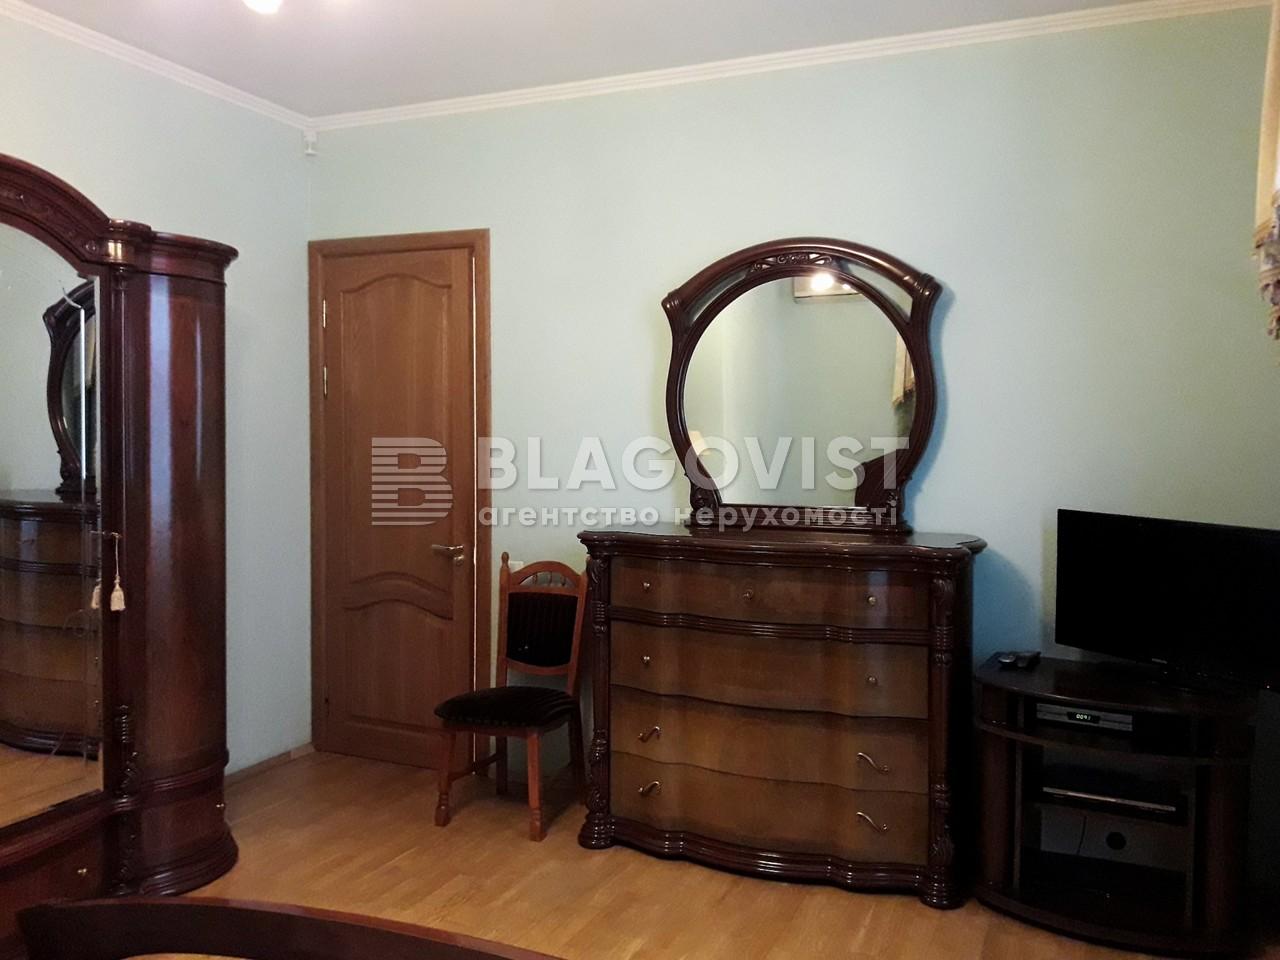 Квартира E-18460, Боткина, 4, Киев - Фото 12